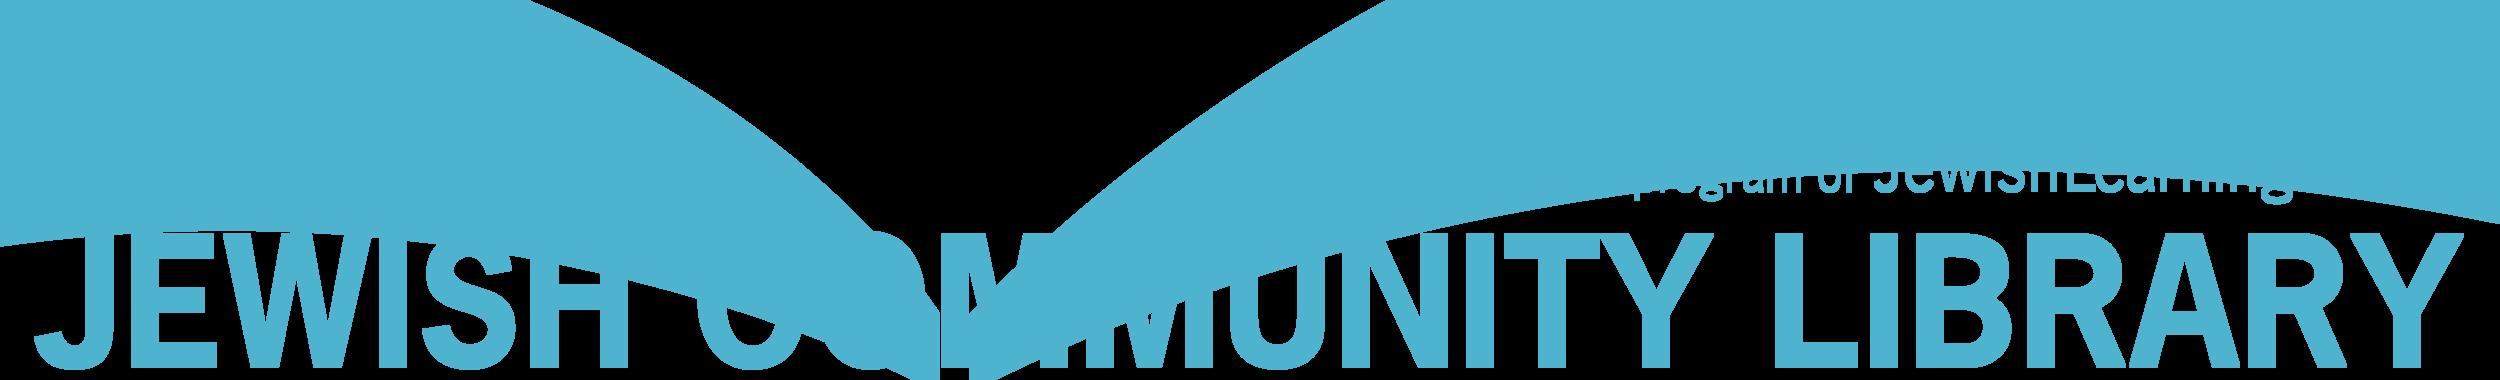 JewishCommunityLibrary